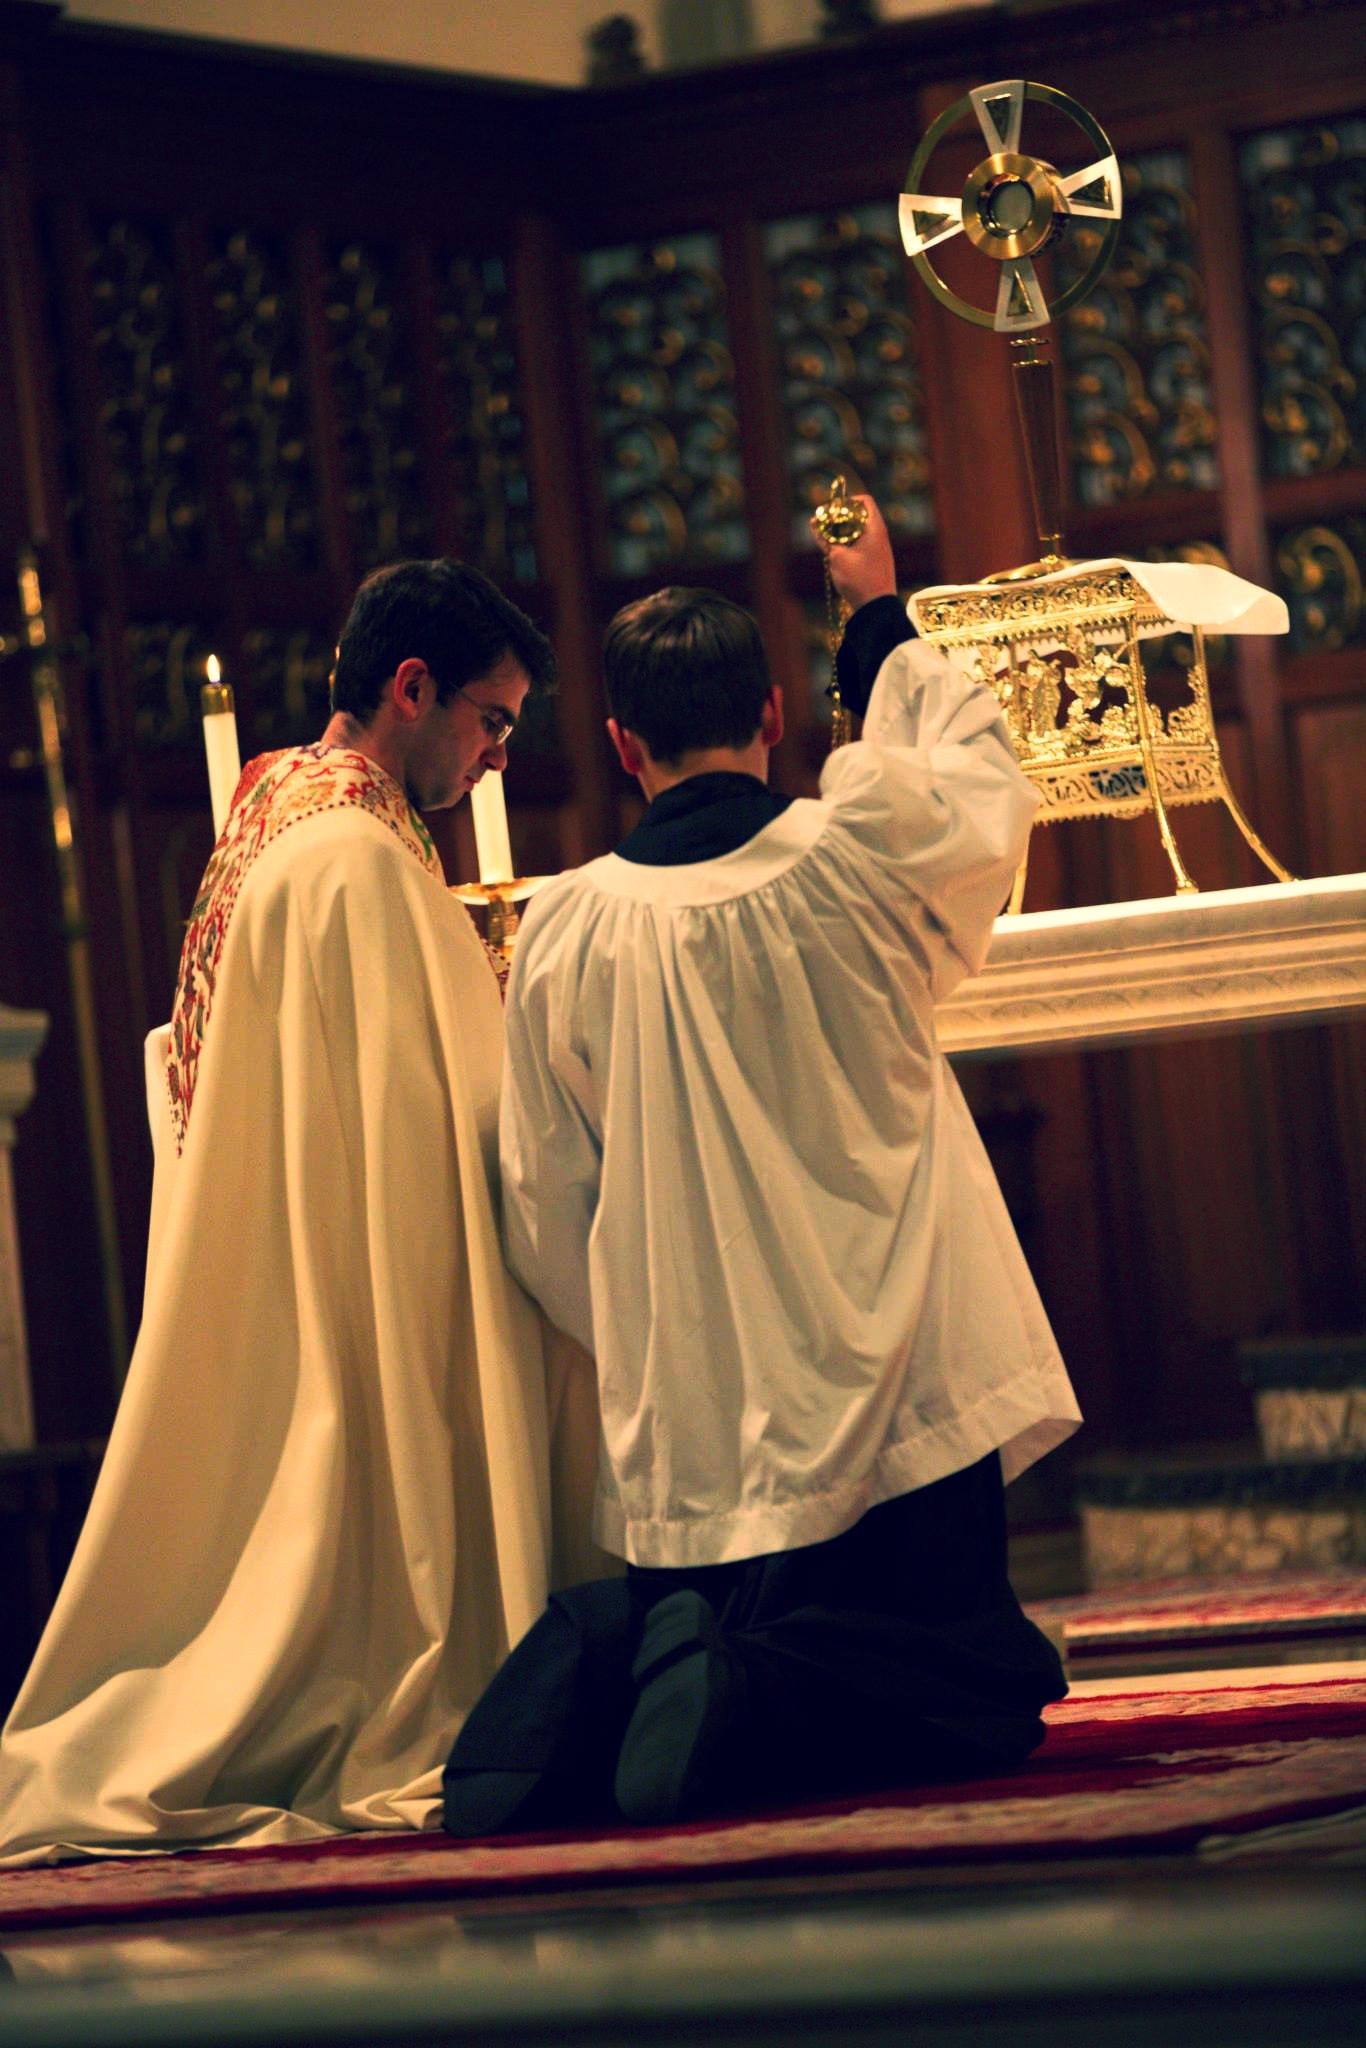 Fr. Shell and Jacob